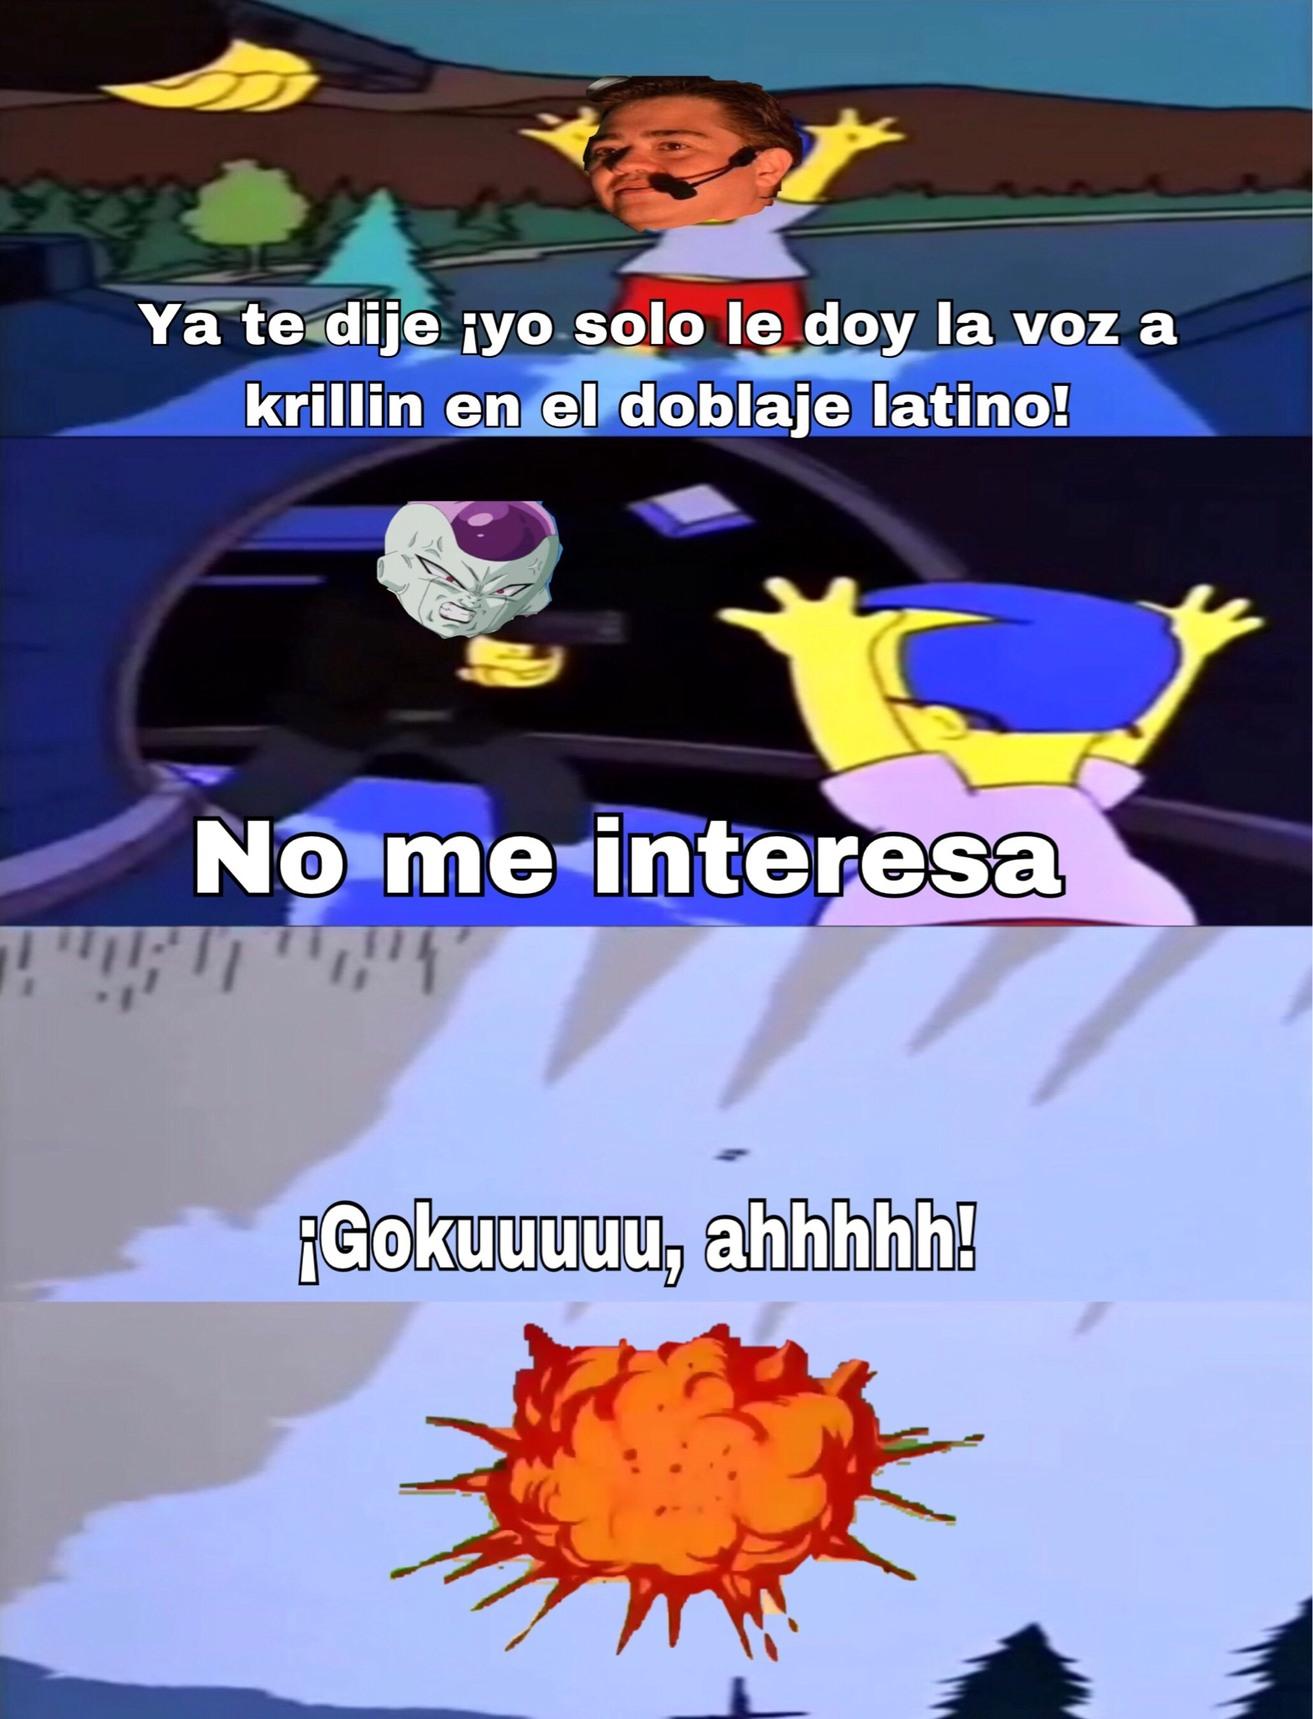 XD pobre Lalo Garza - meme